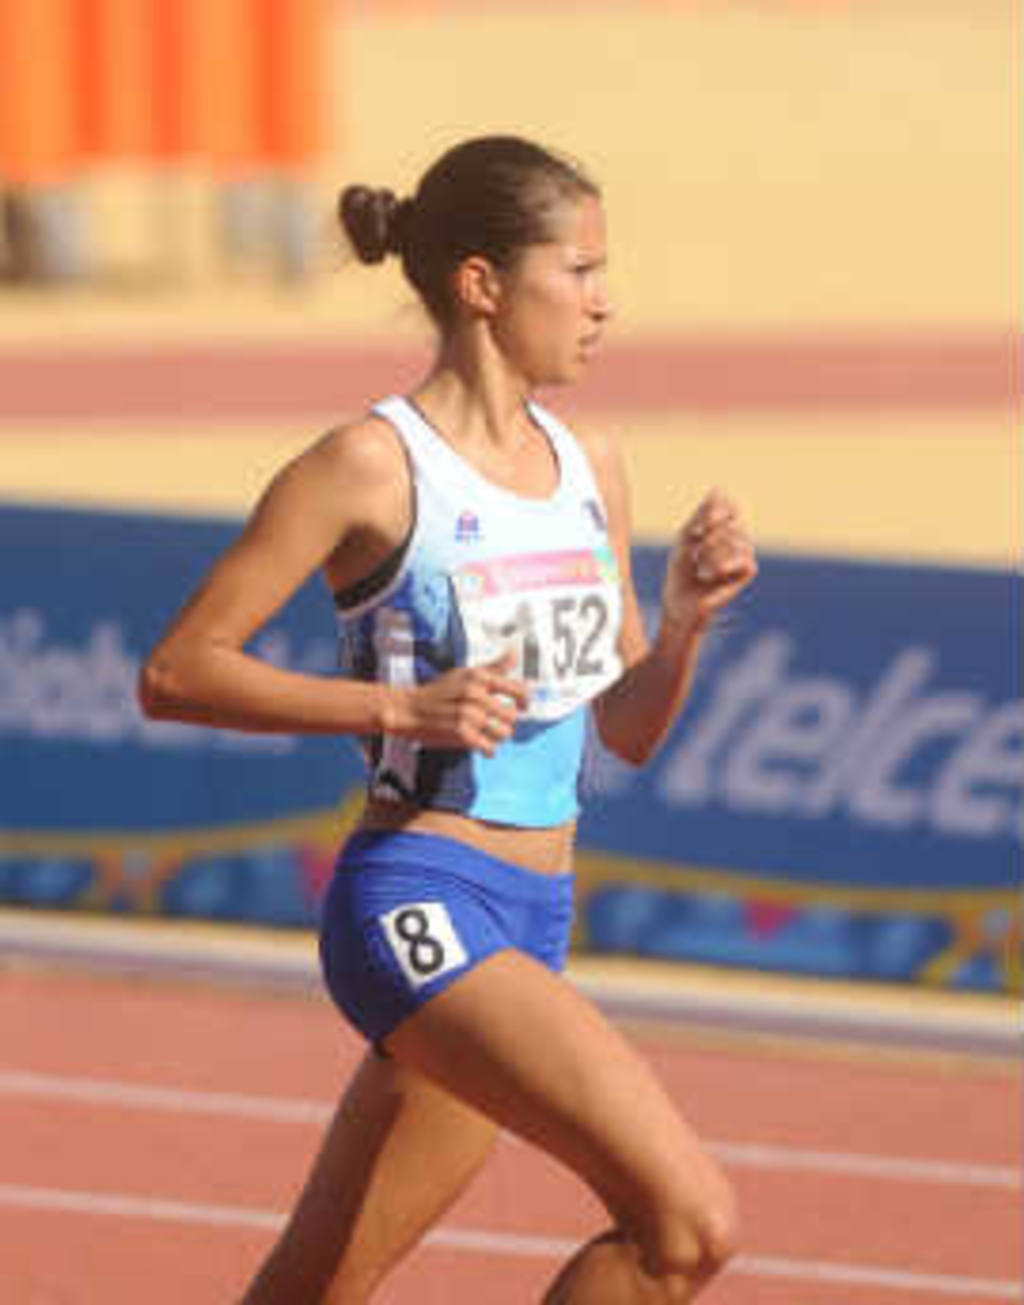 Zuna Portillo logró el único oro salvadoreño e impuso un nuevo récord regional.